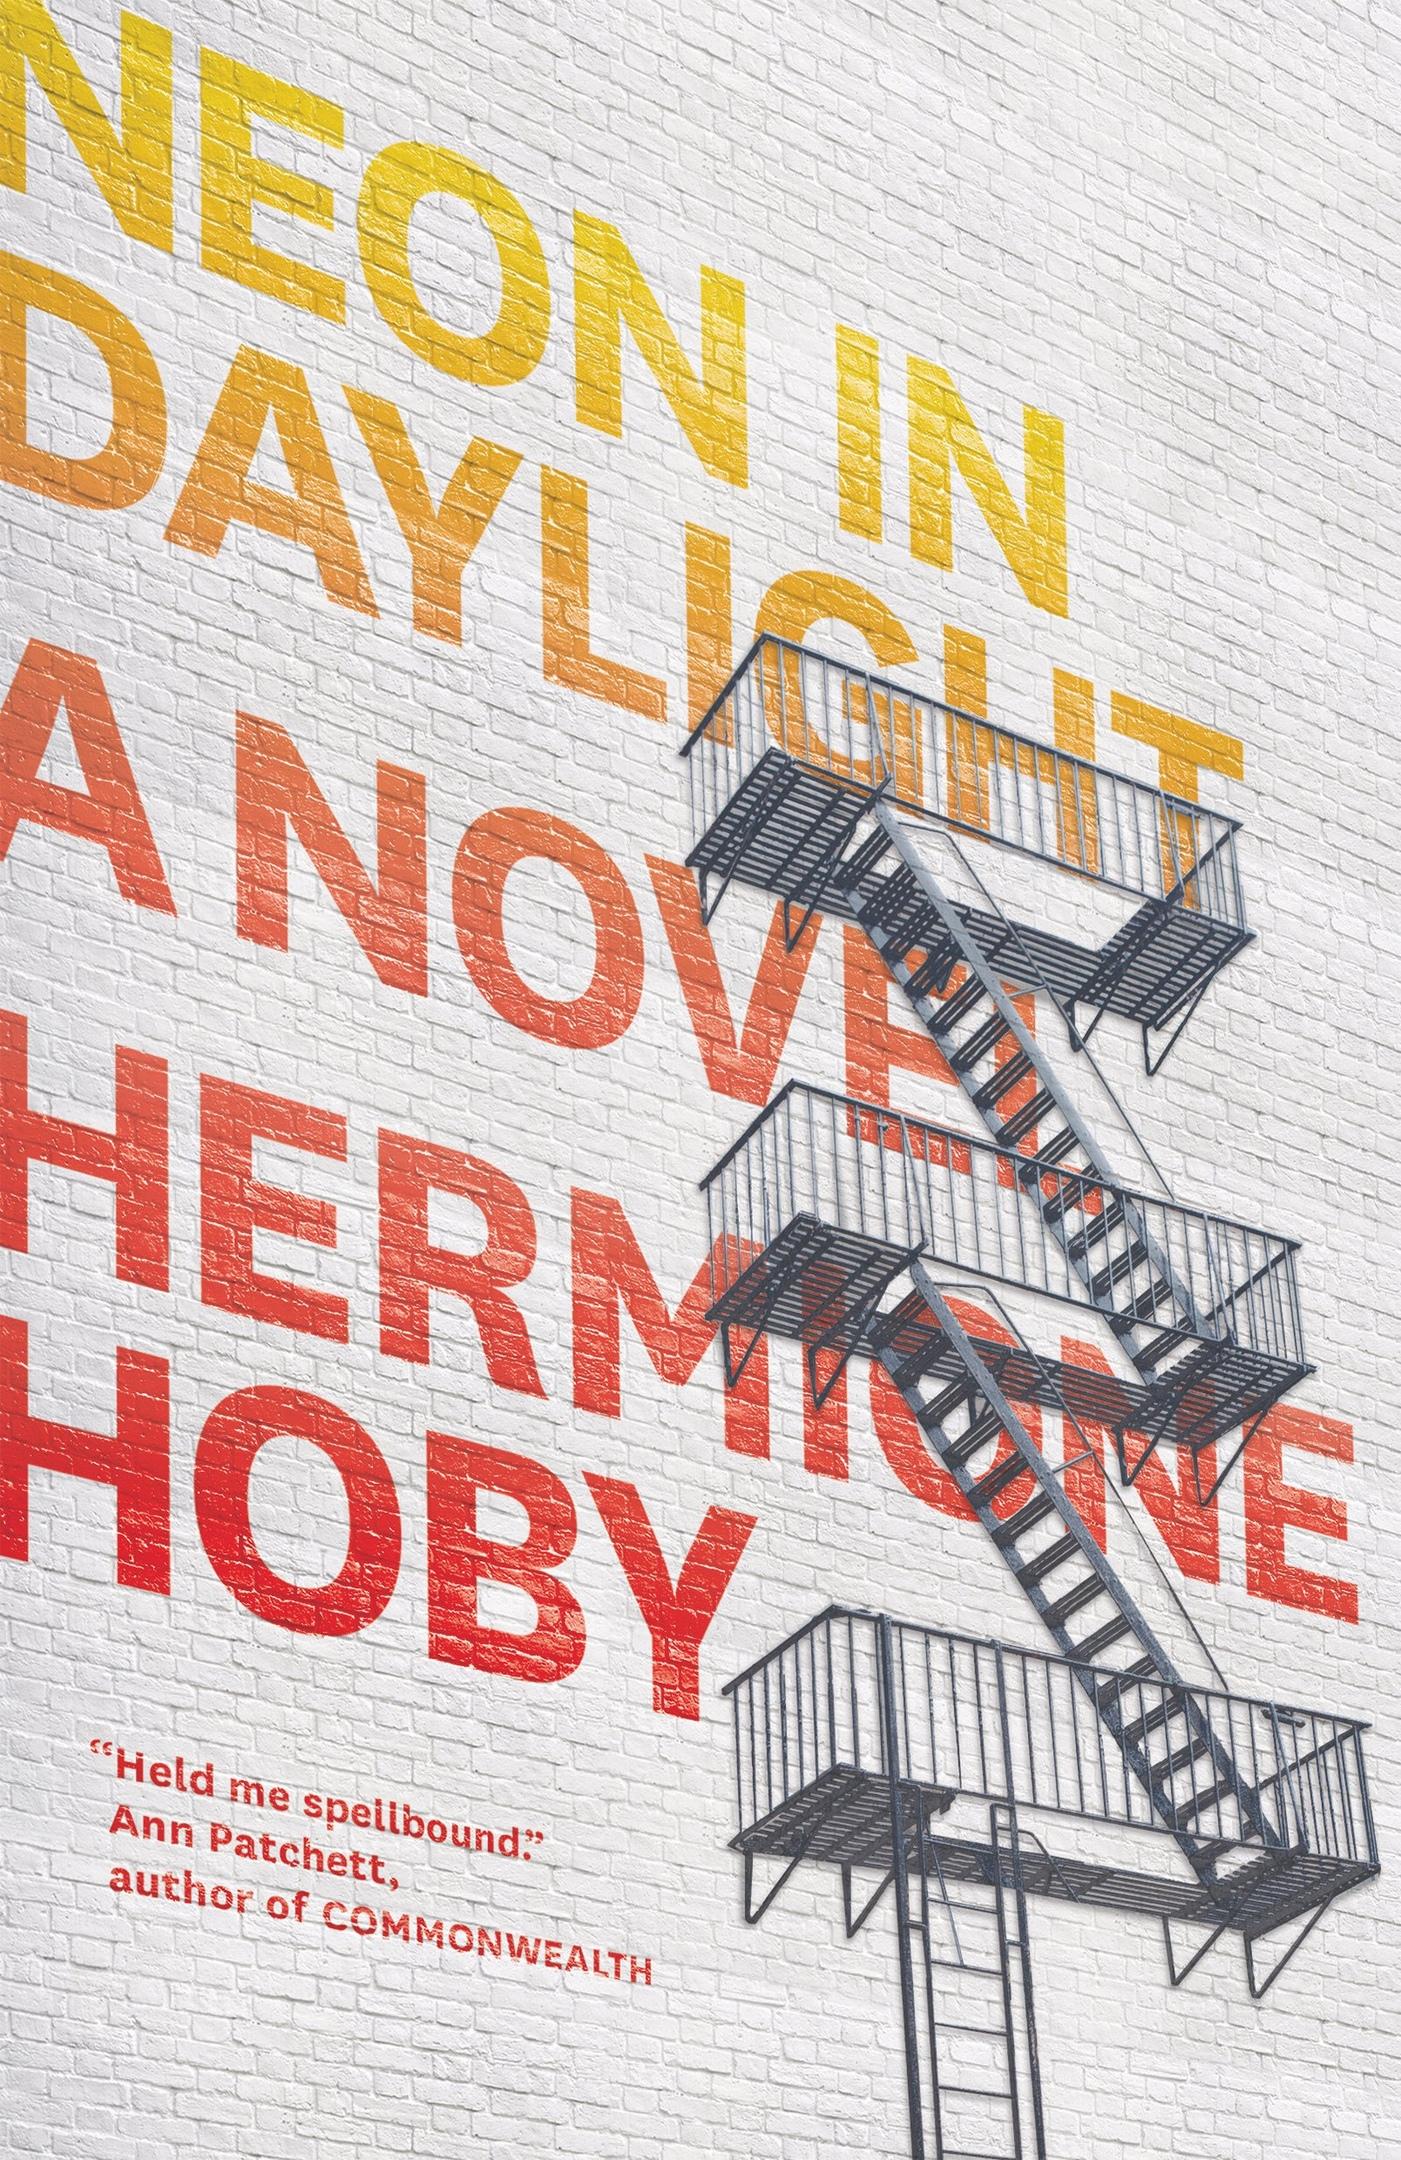 Hermione Hoby – Neon In Daylight